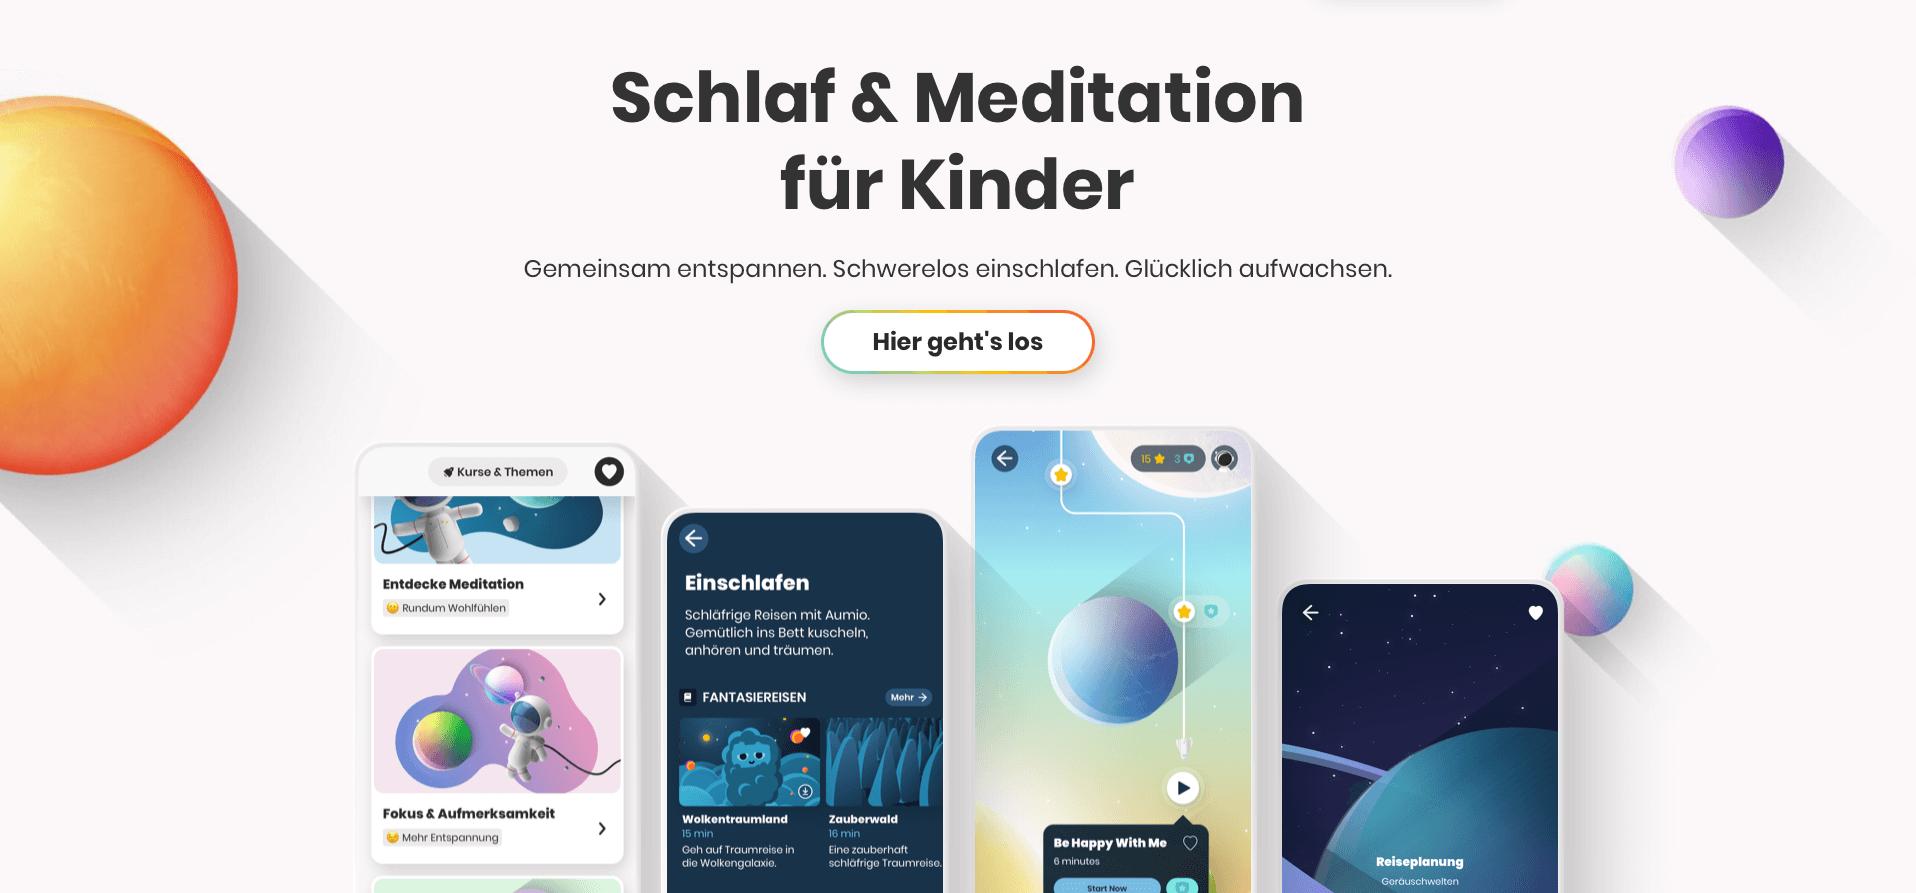 Aumio ist eine App, die Kindern hilft, sich zu entspannen und besser einzuschlafen - oder auch im Klassenraum gemeinsam zu meditieren. Entwickelt wurden die Inhalte von Expert:innen von der Freien Universität Berlin, Förderung gab es unter anderem von der AOK und dem Deutschen Roten Kreuz.